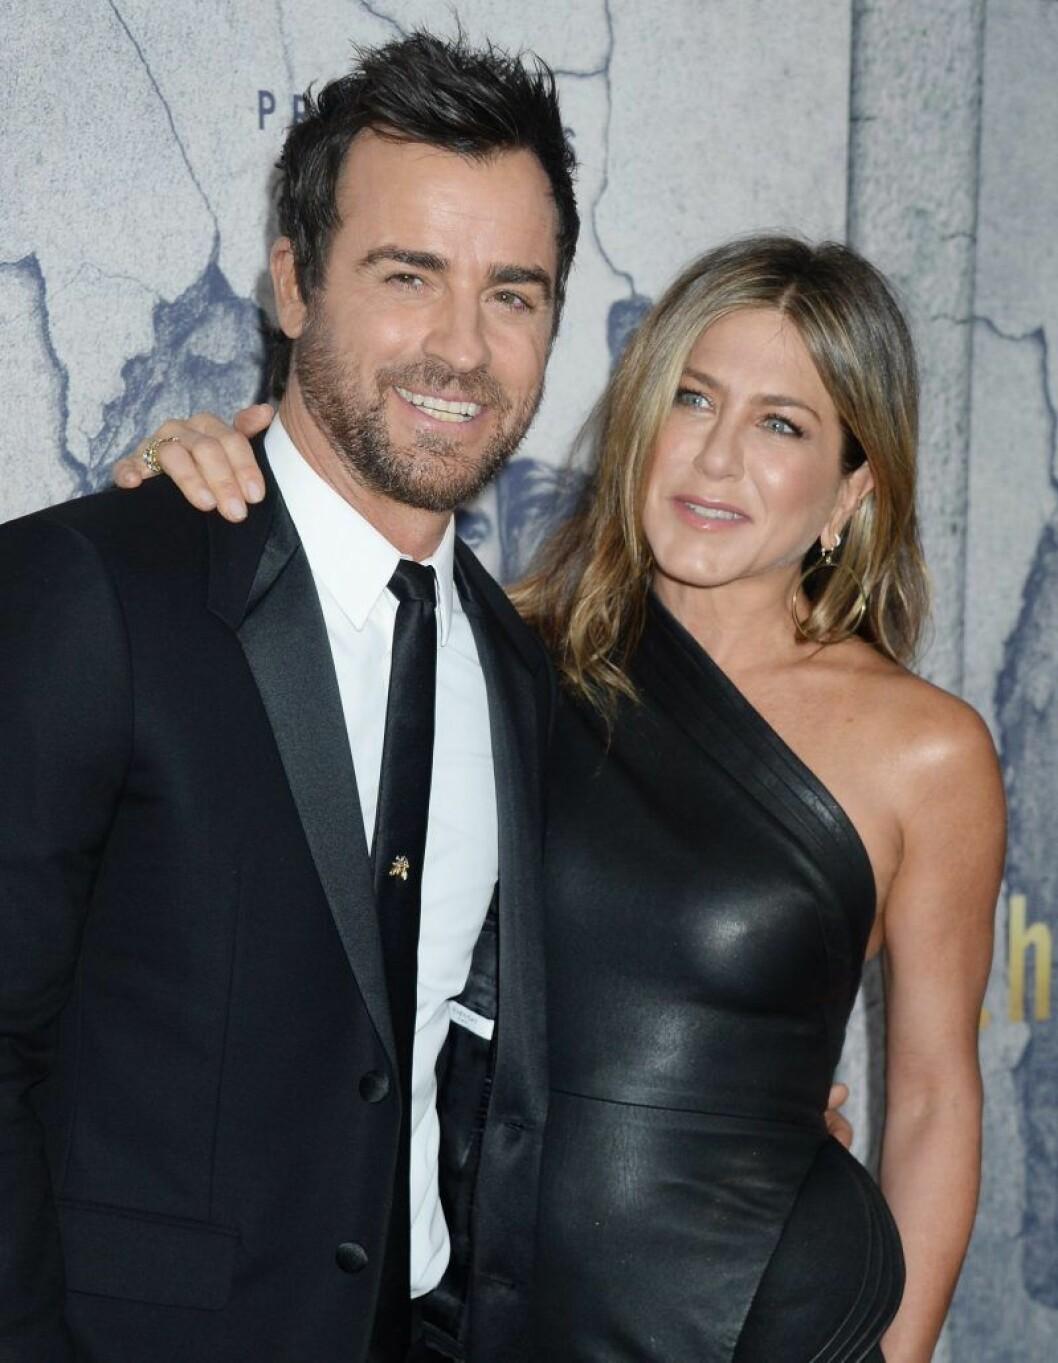 Jennifer Aniston och Justin Theroux klädda i svart